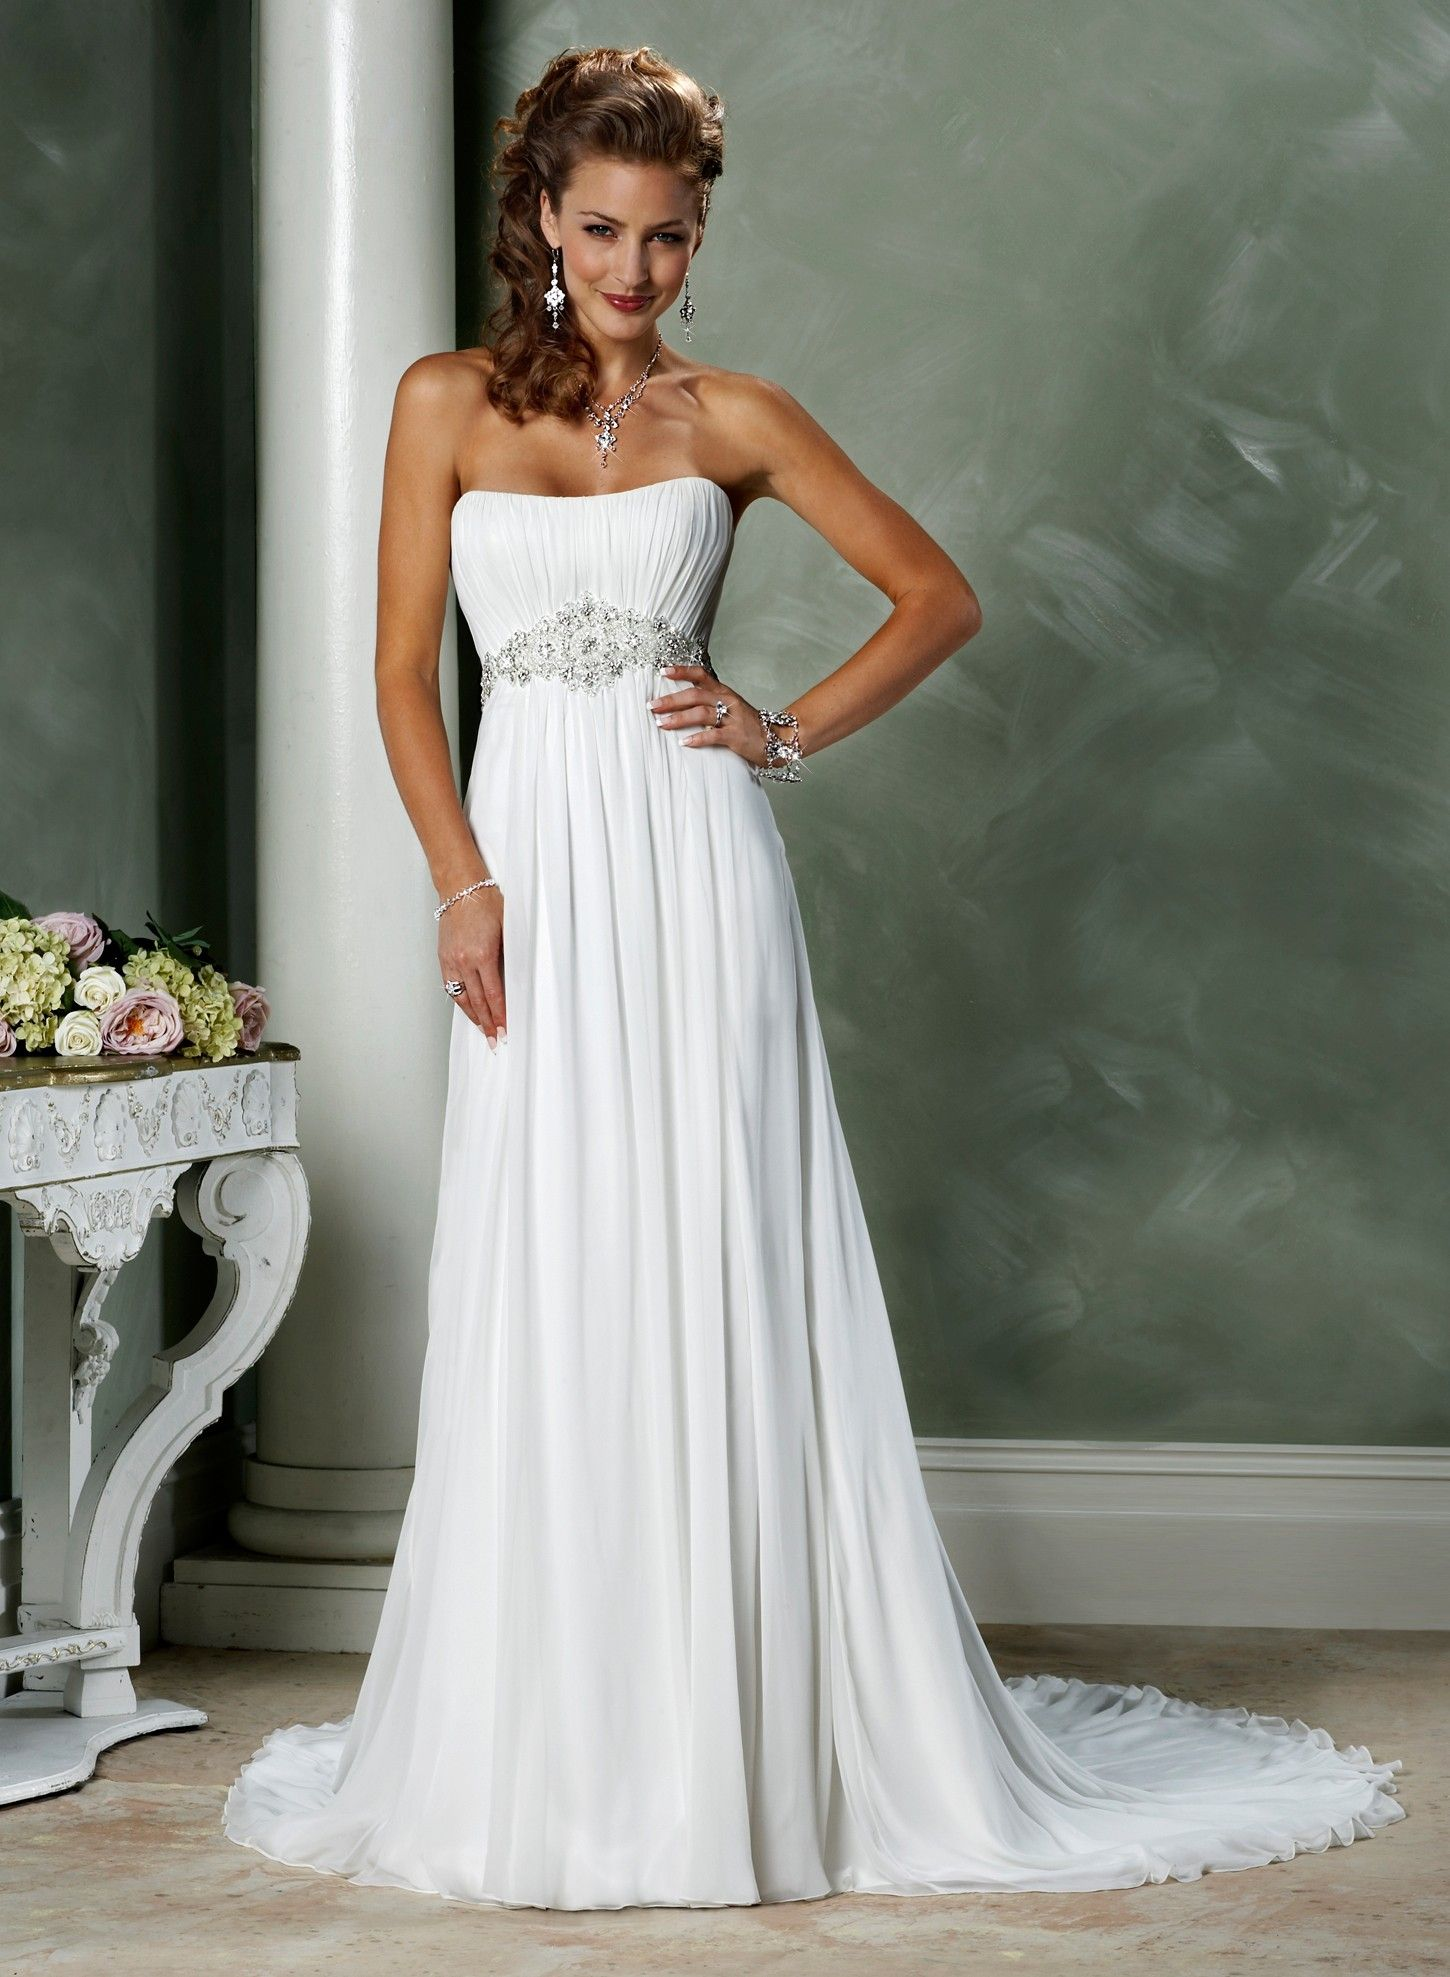 af03651652a3e A-ligne sans bretelles encolure dégagée de mariage robe en mousseline de  soie - Robes de Mariage Boutique